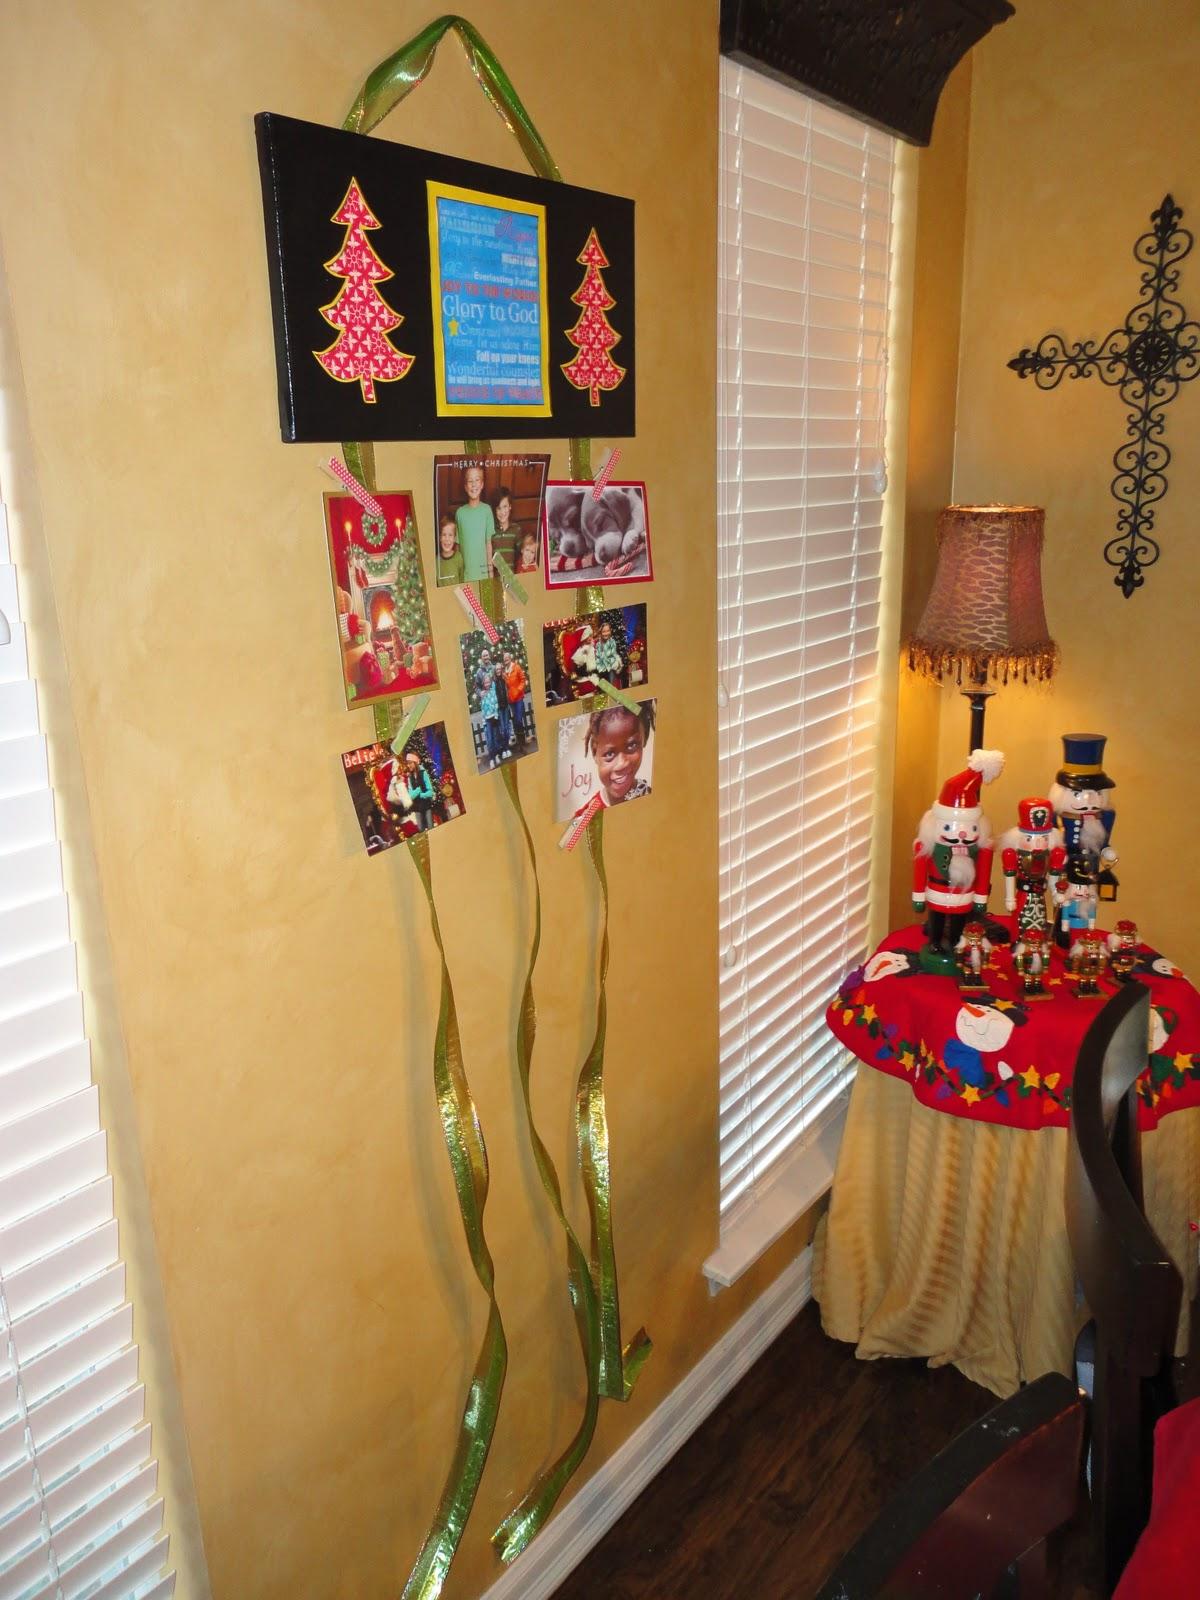 Mom Of 2 Girly Girlz Creative Ways To Display Christmas Cards